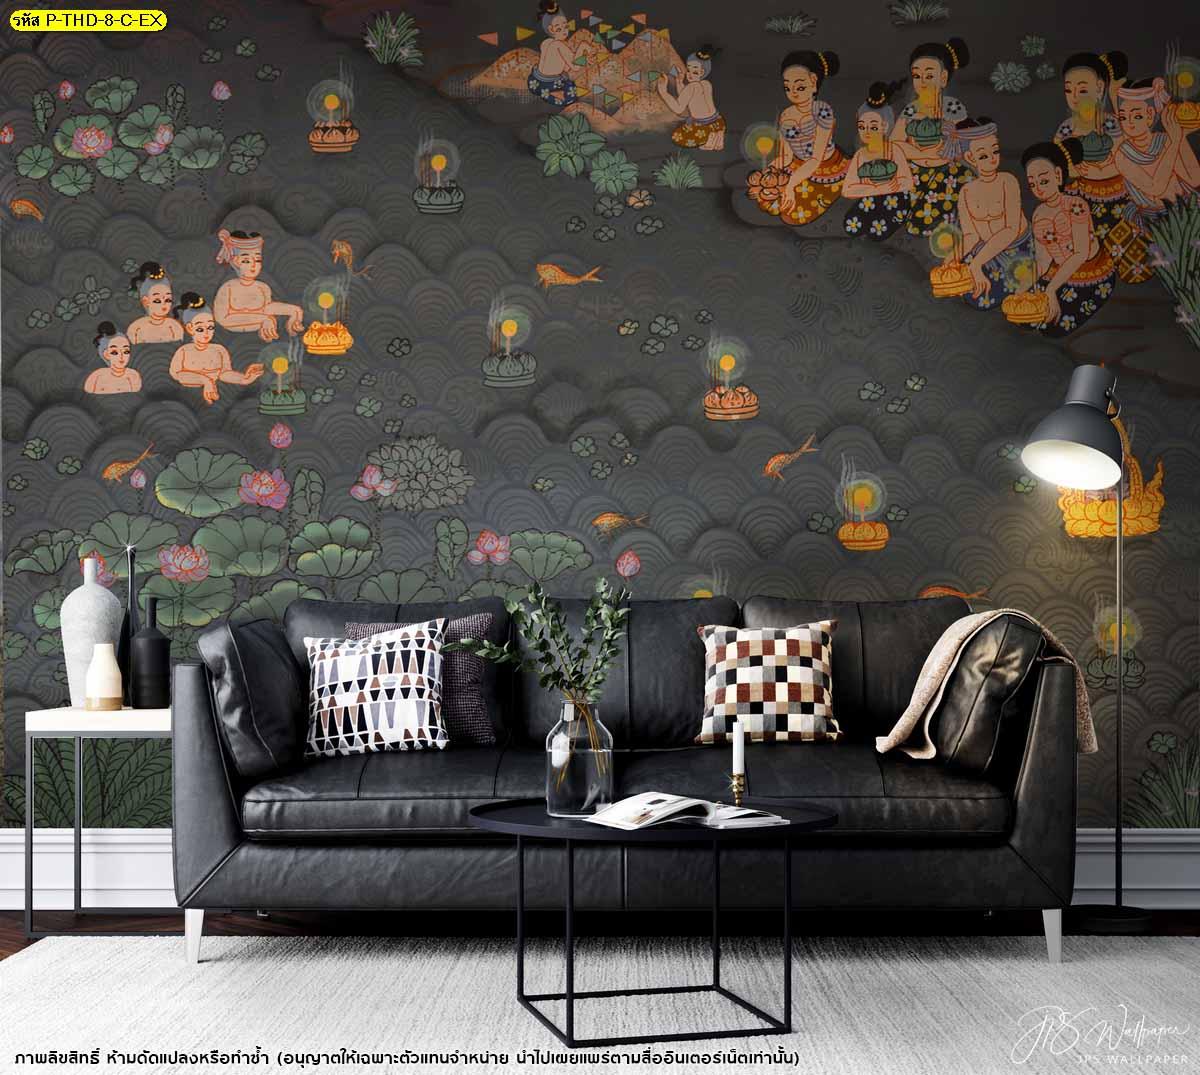 สั่งทำภาพจิตรกรรมไทย แต่งบ้านด้วยภาพจิตรกรรมไทย ออกแบบวอลเปเปอร์ติดผนัง